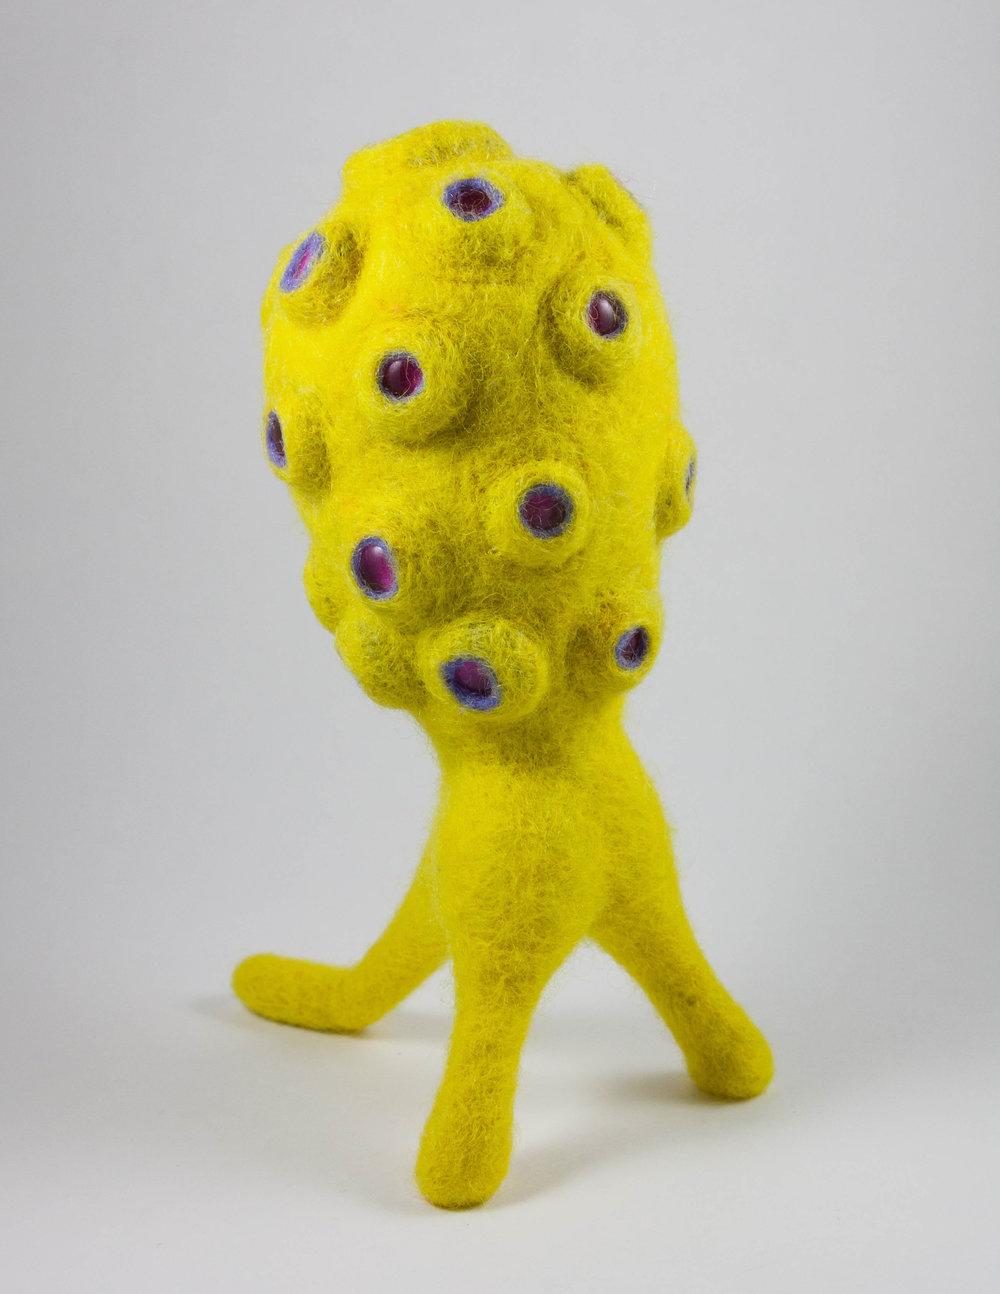 Shannon_yellow_alien copy.jpg